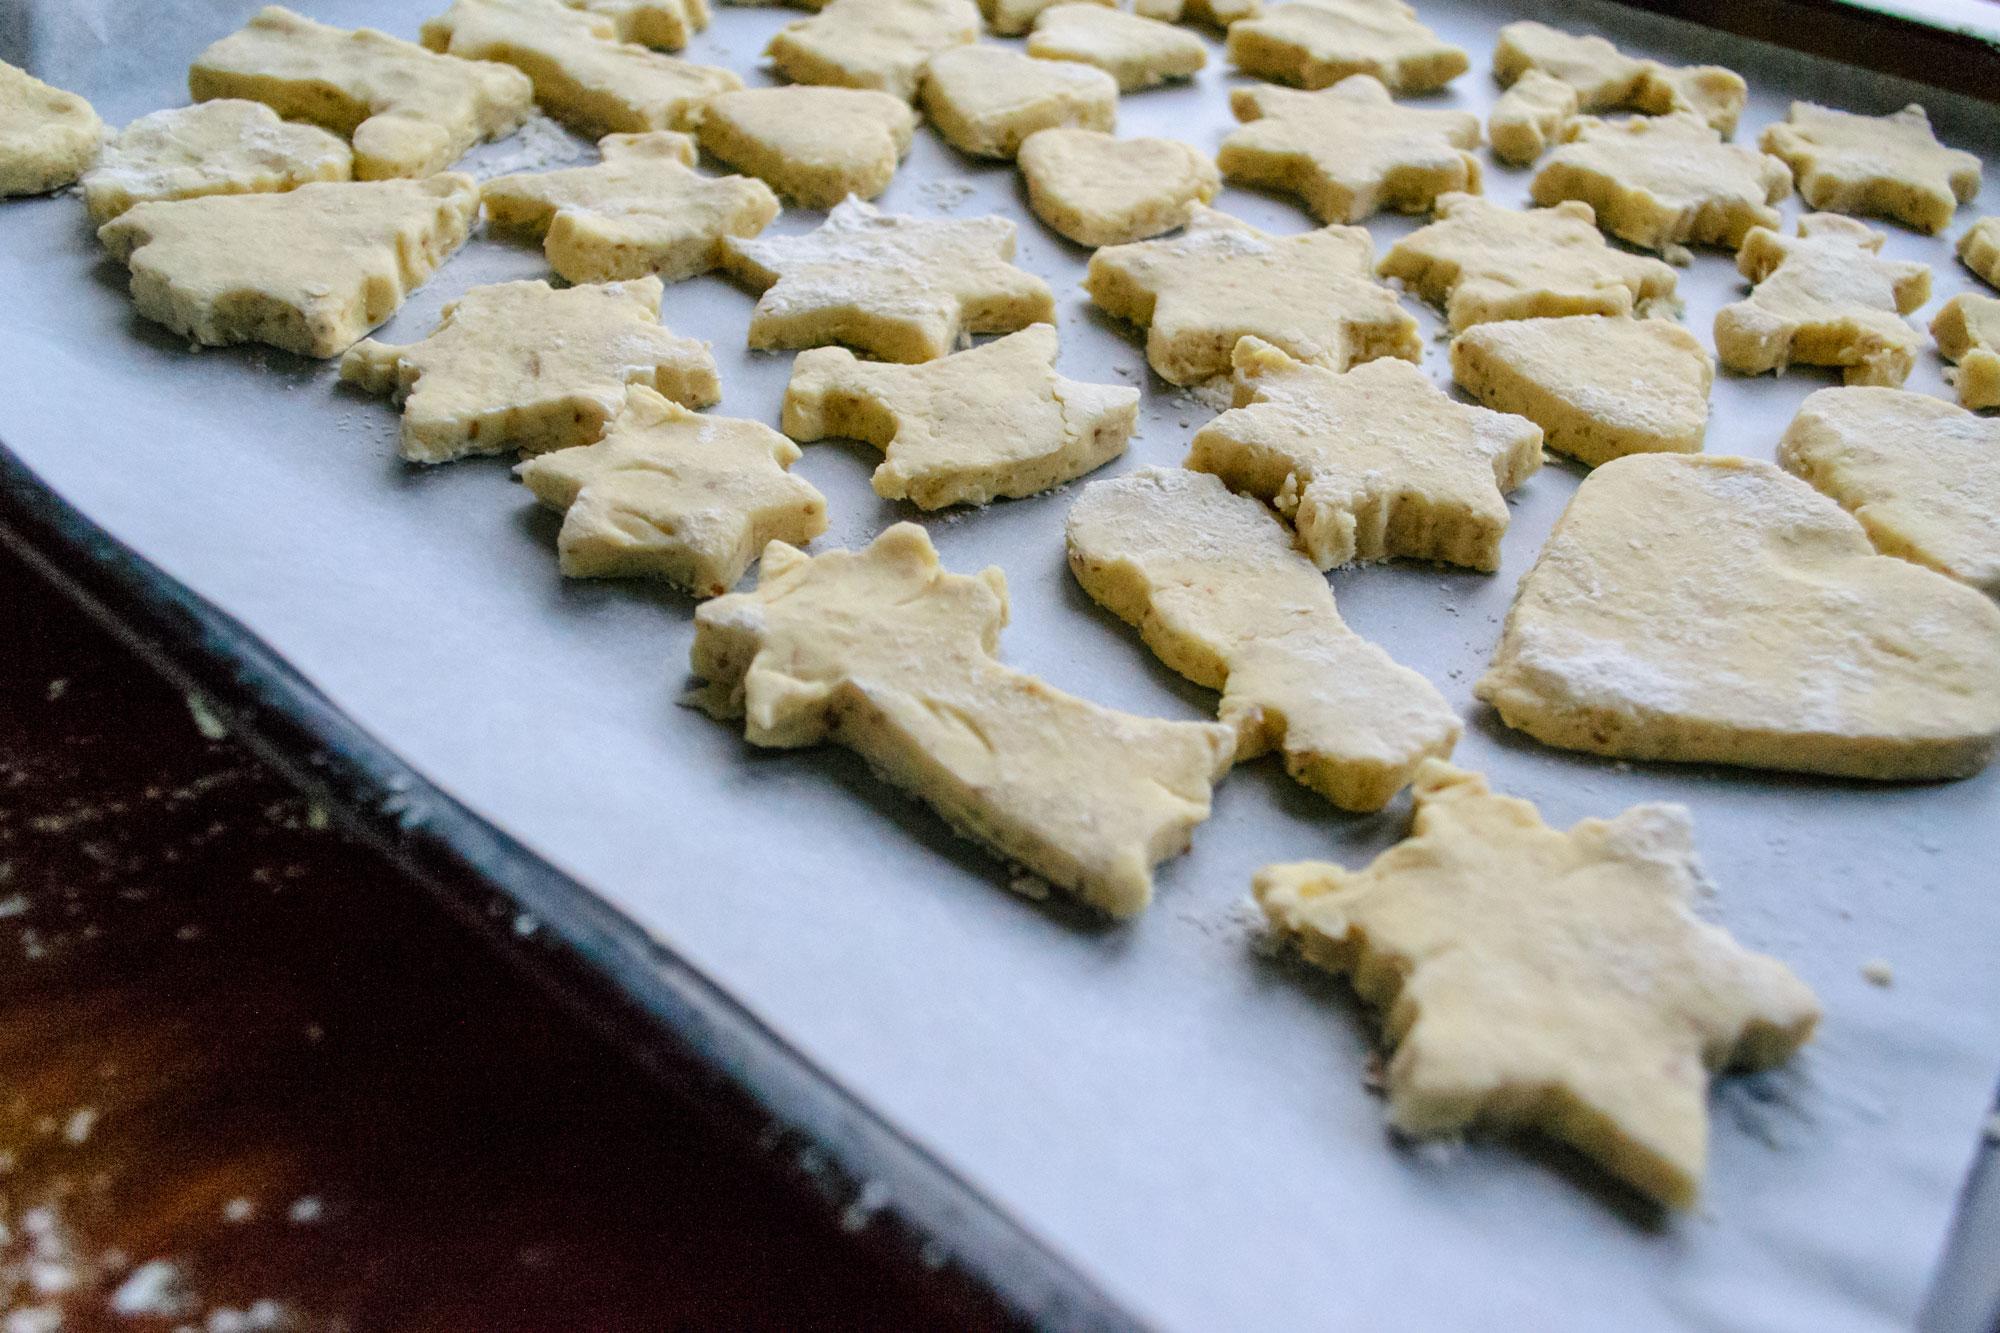 Recept za kekse - brza priprema božićnih kolača - prije pečenja